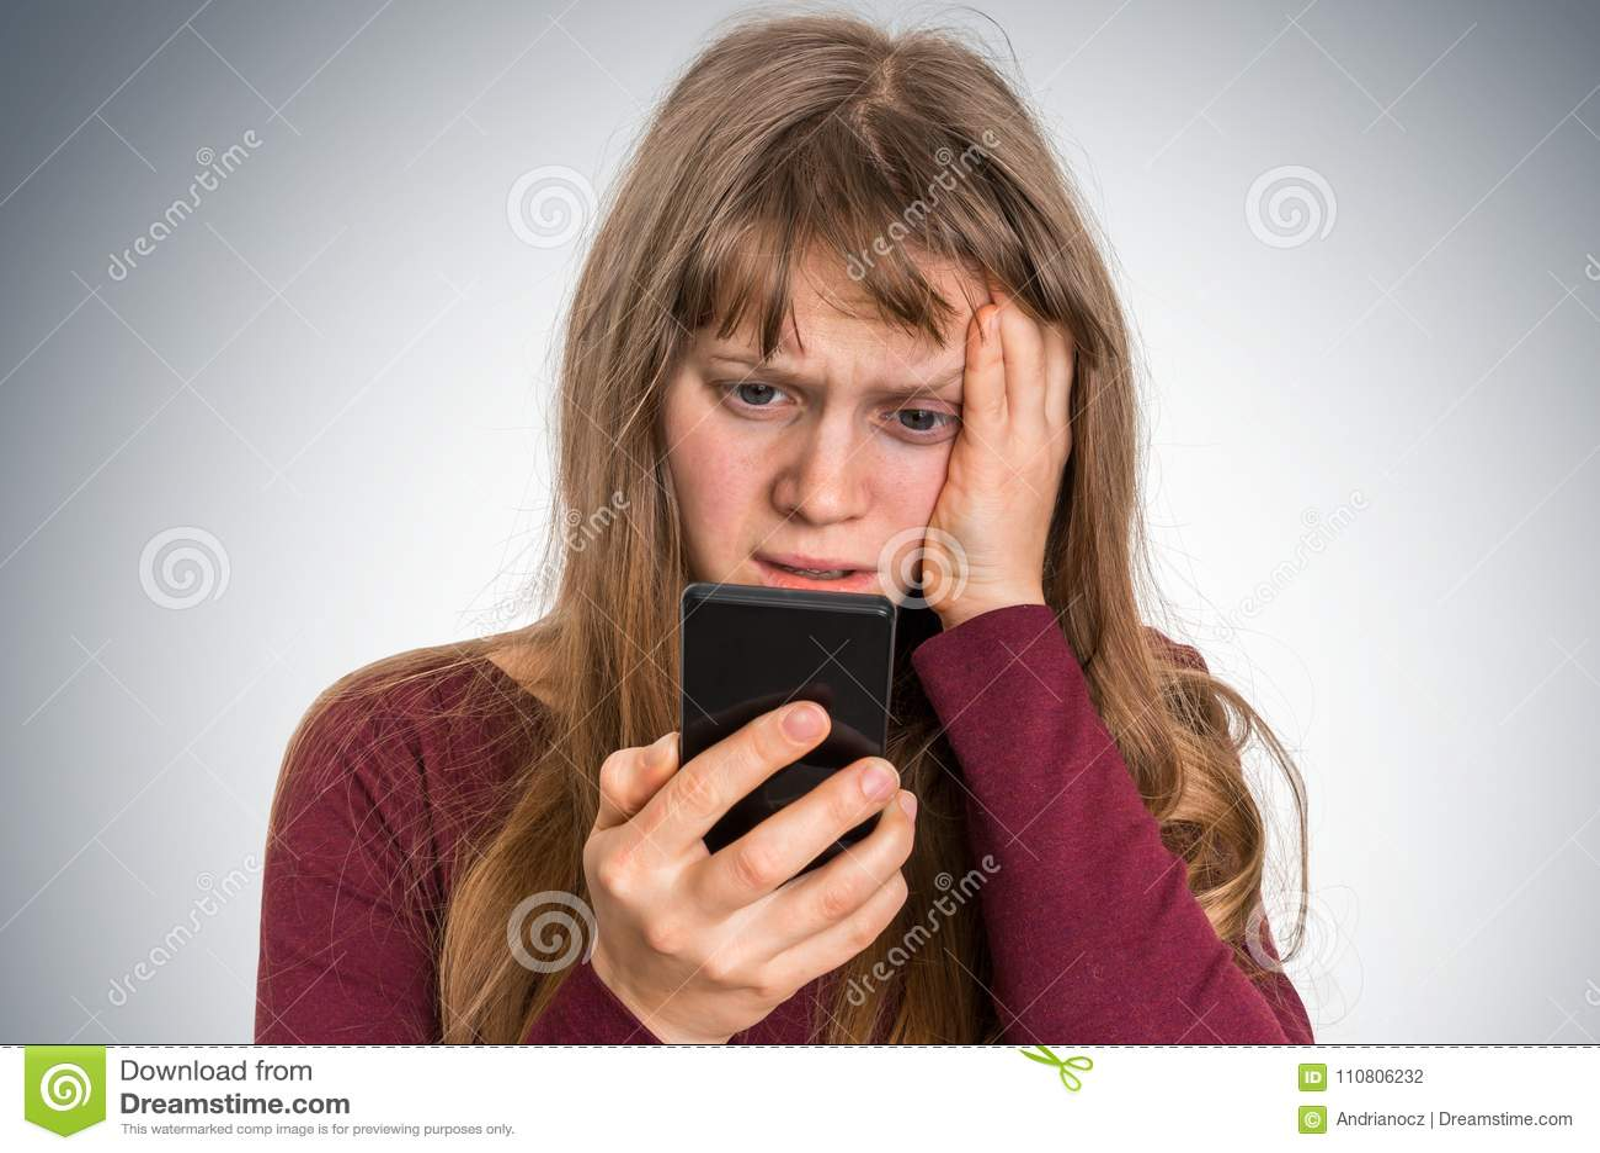 Mulher triste com telefone celular - conceito das más notícias